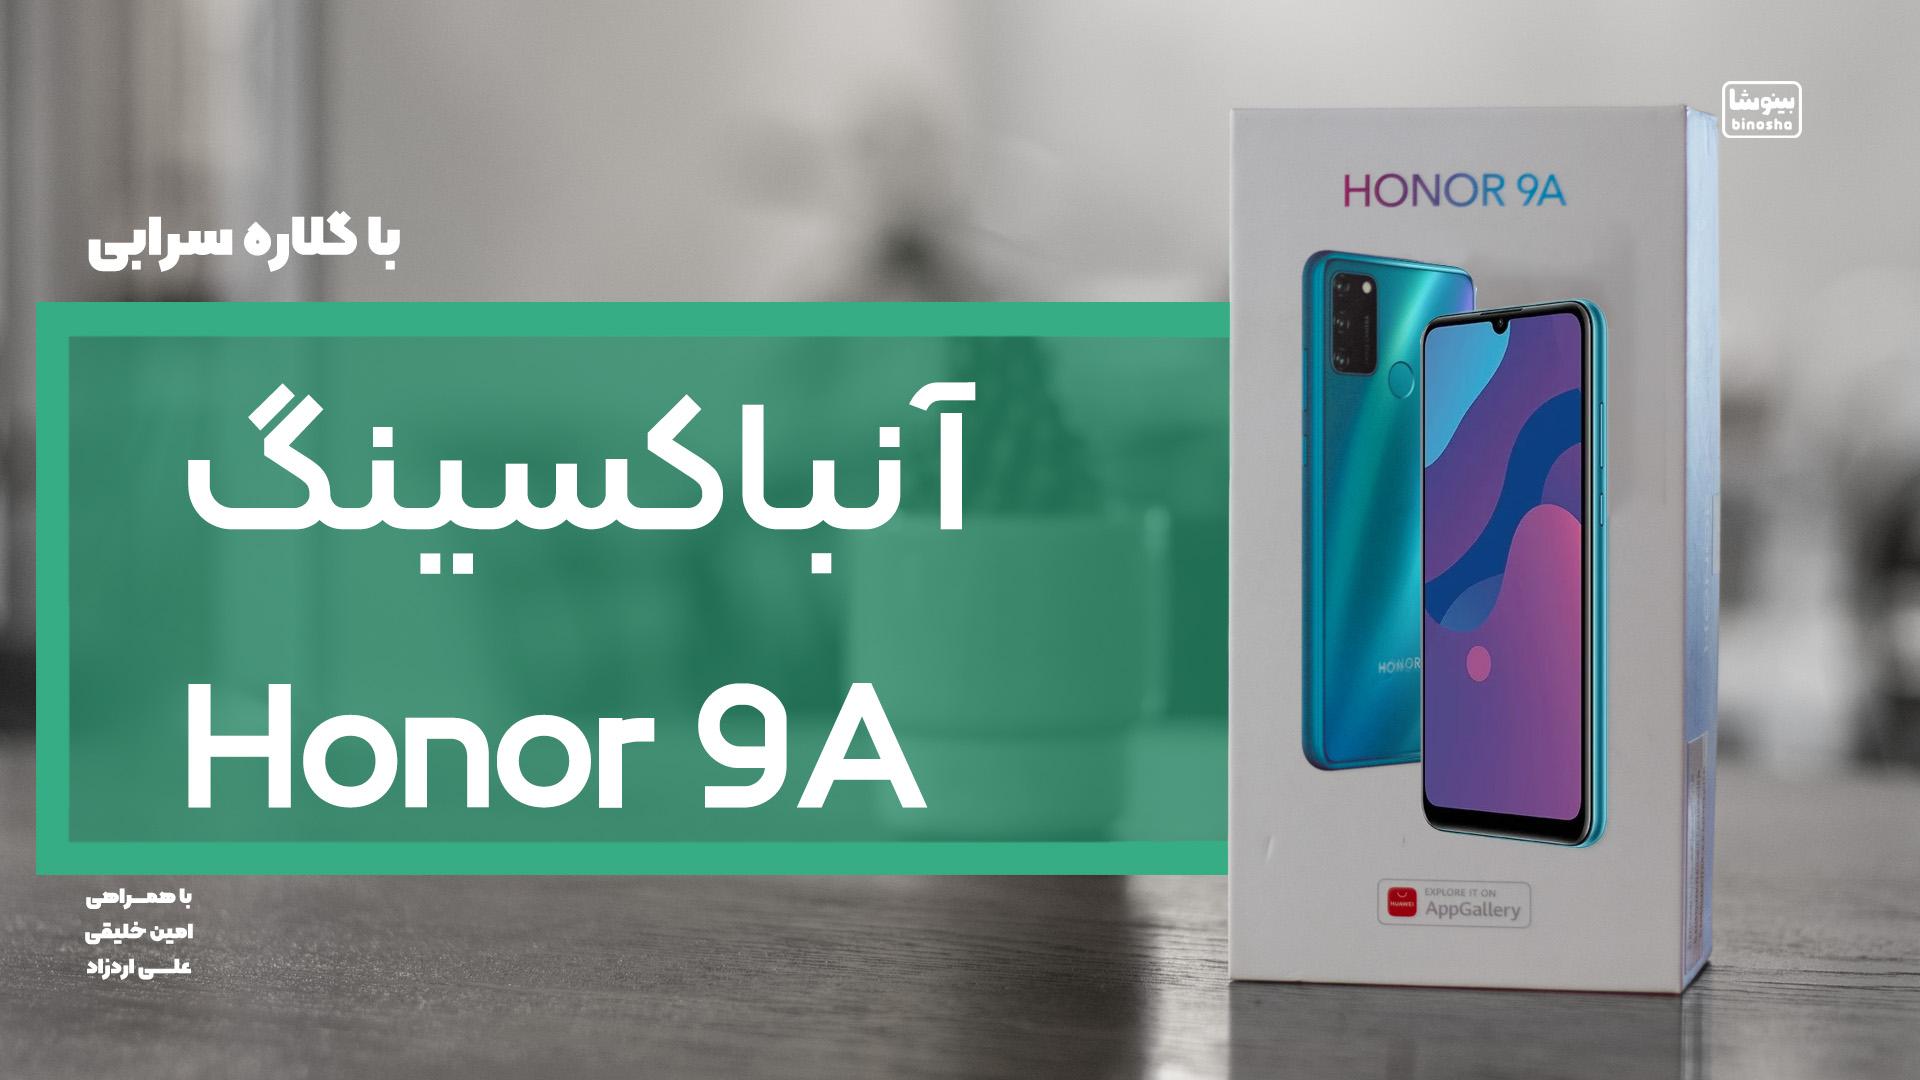 جعبه گشایی آنر ۹ ای ( جدیدترین گوشی میان رده آنر ) | Honor 9A Unboxing